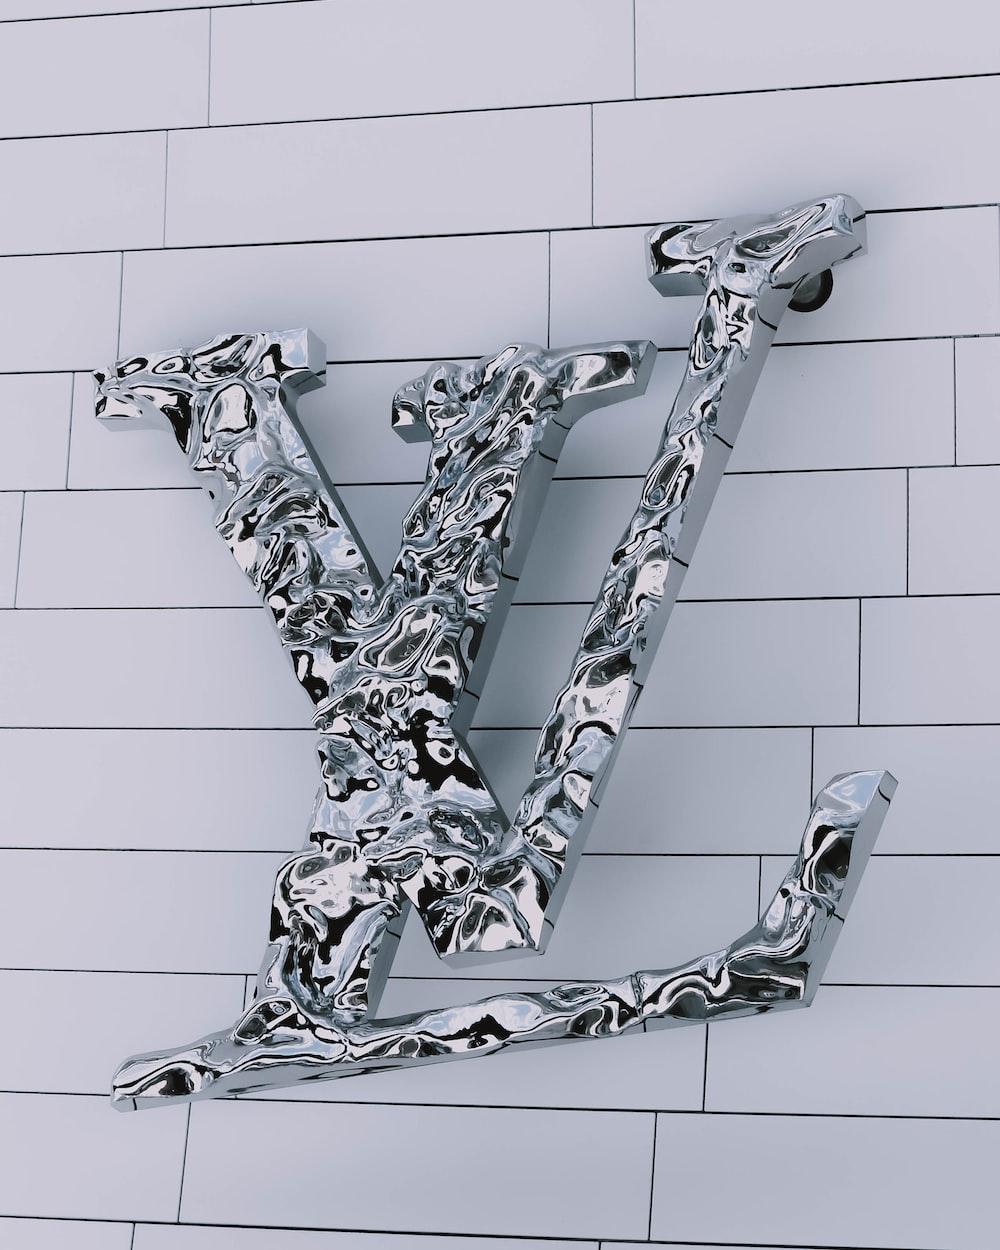 gray and white Louis Vuitton logo